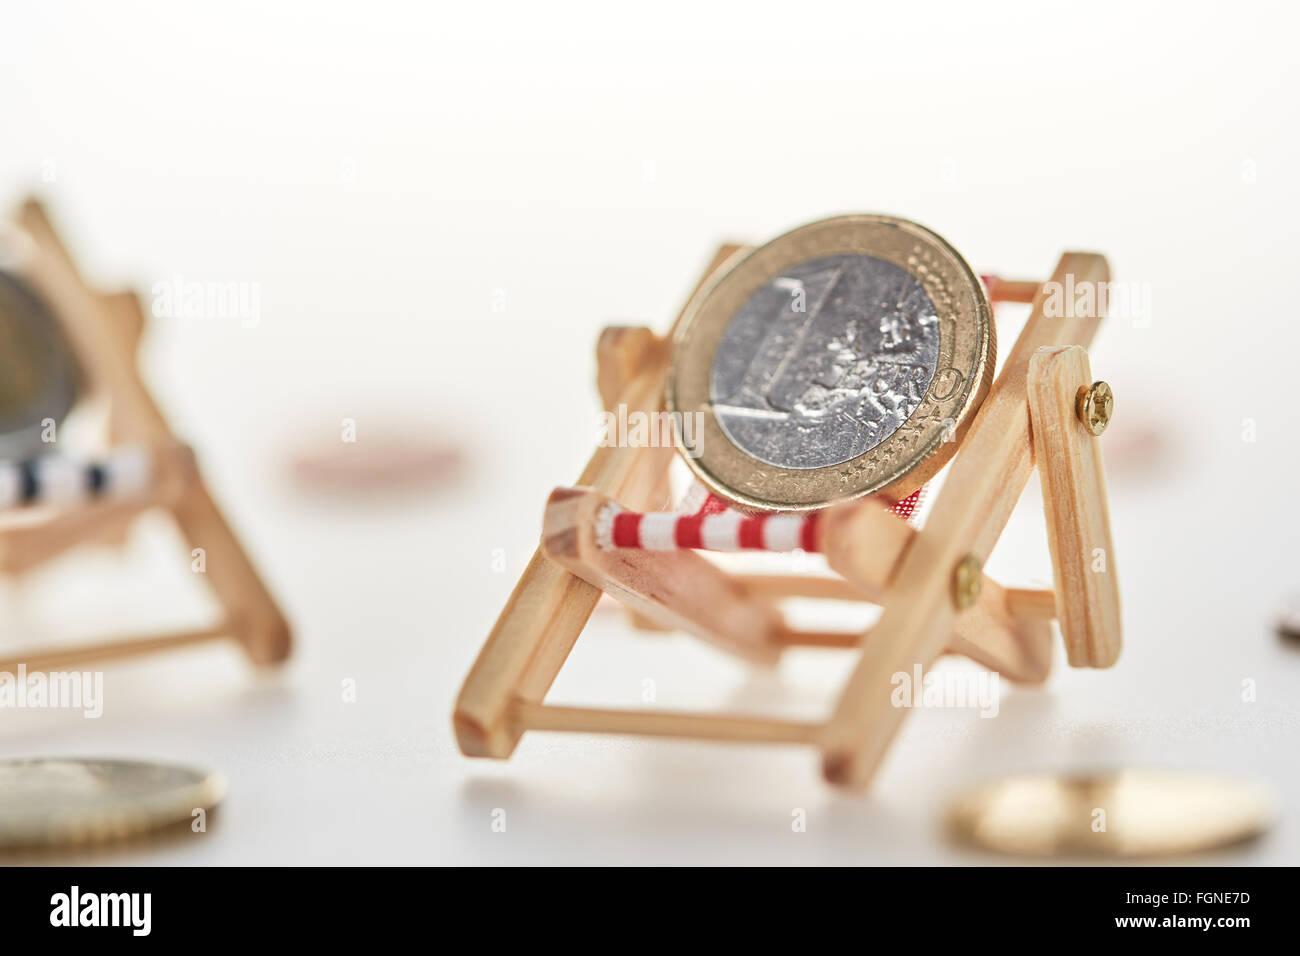 Concetto di pensione shot con euro moneta denaro in relax sulla sdraio in miniatura Immagini Stock